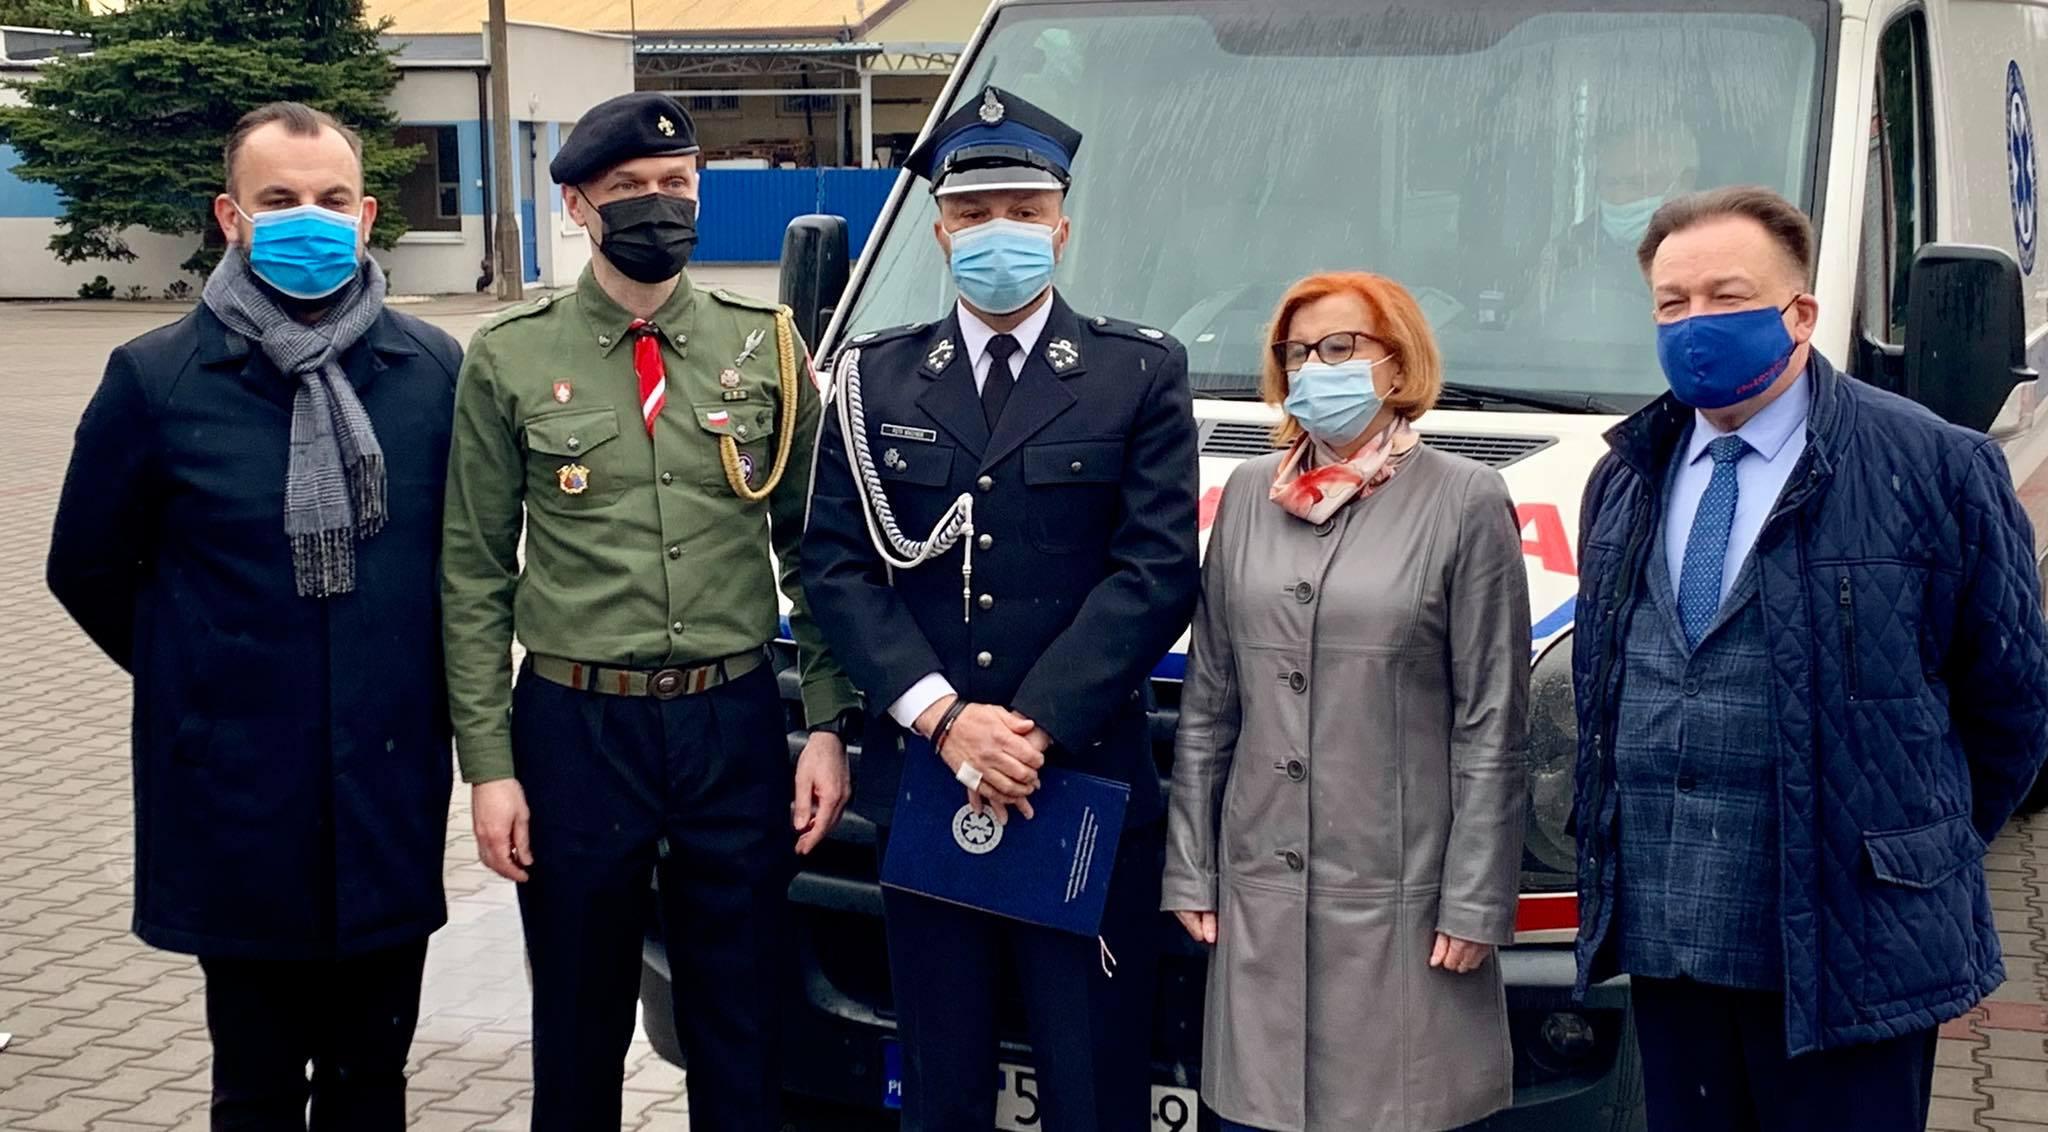 Cenny dar dla strażaków ochotników. OSP Podolszyce otrzymało ambulans [ZDJĘCIA] - Zdjęcie główne